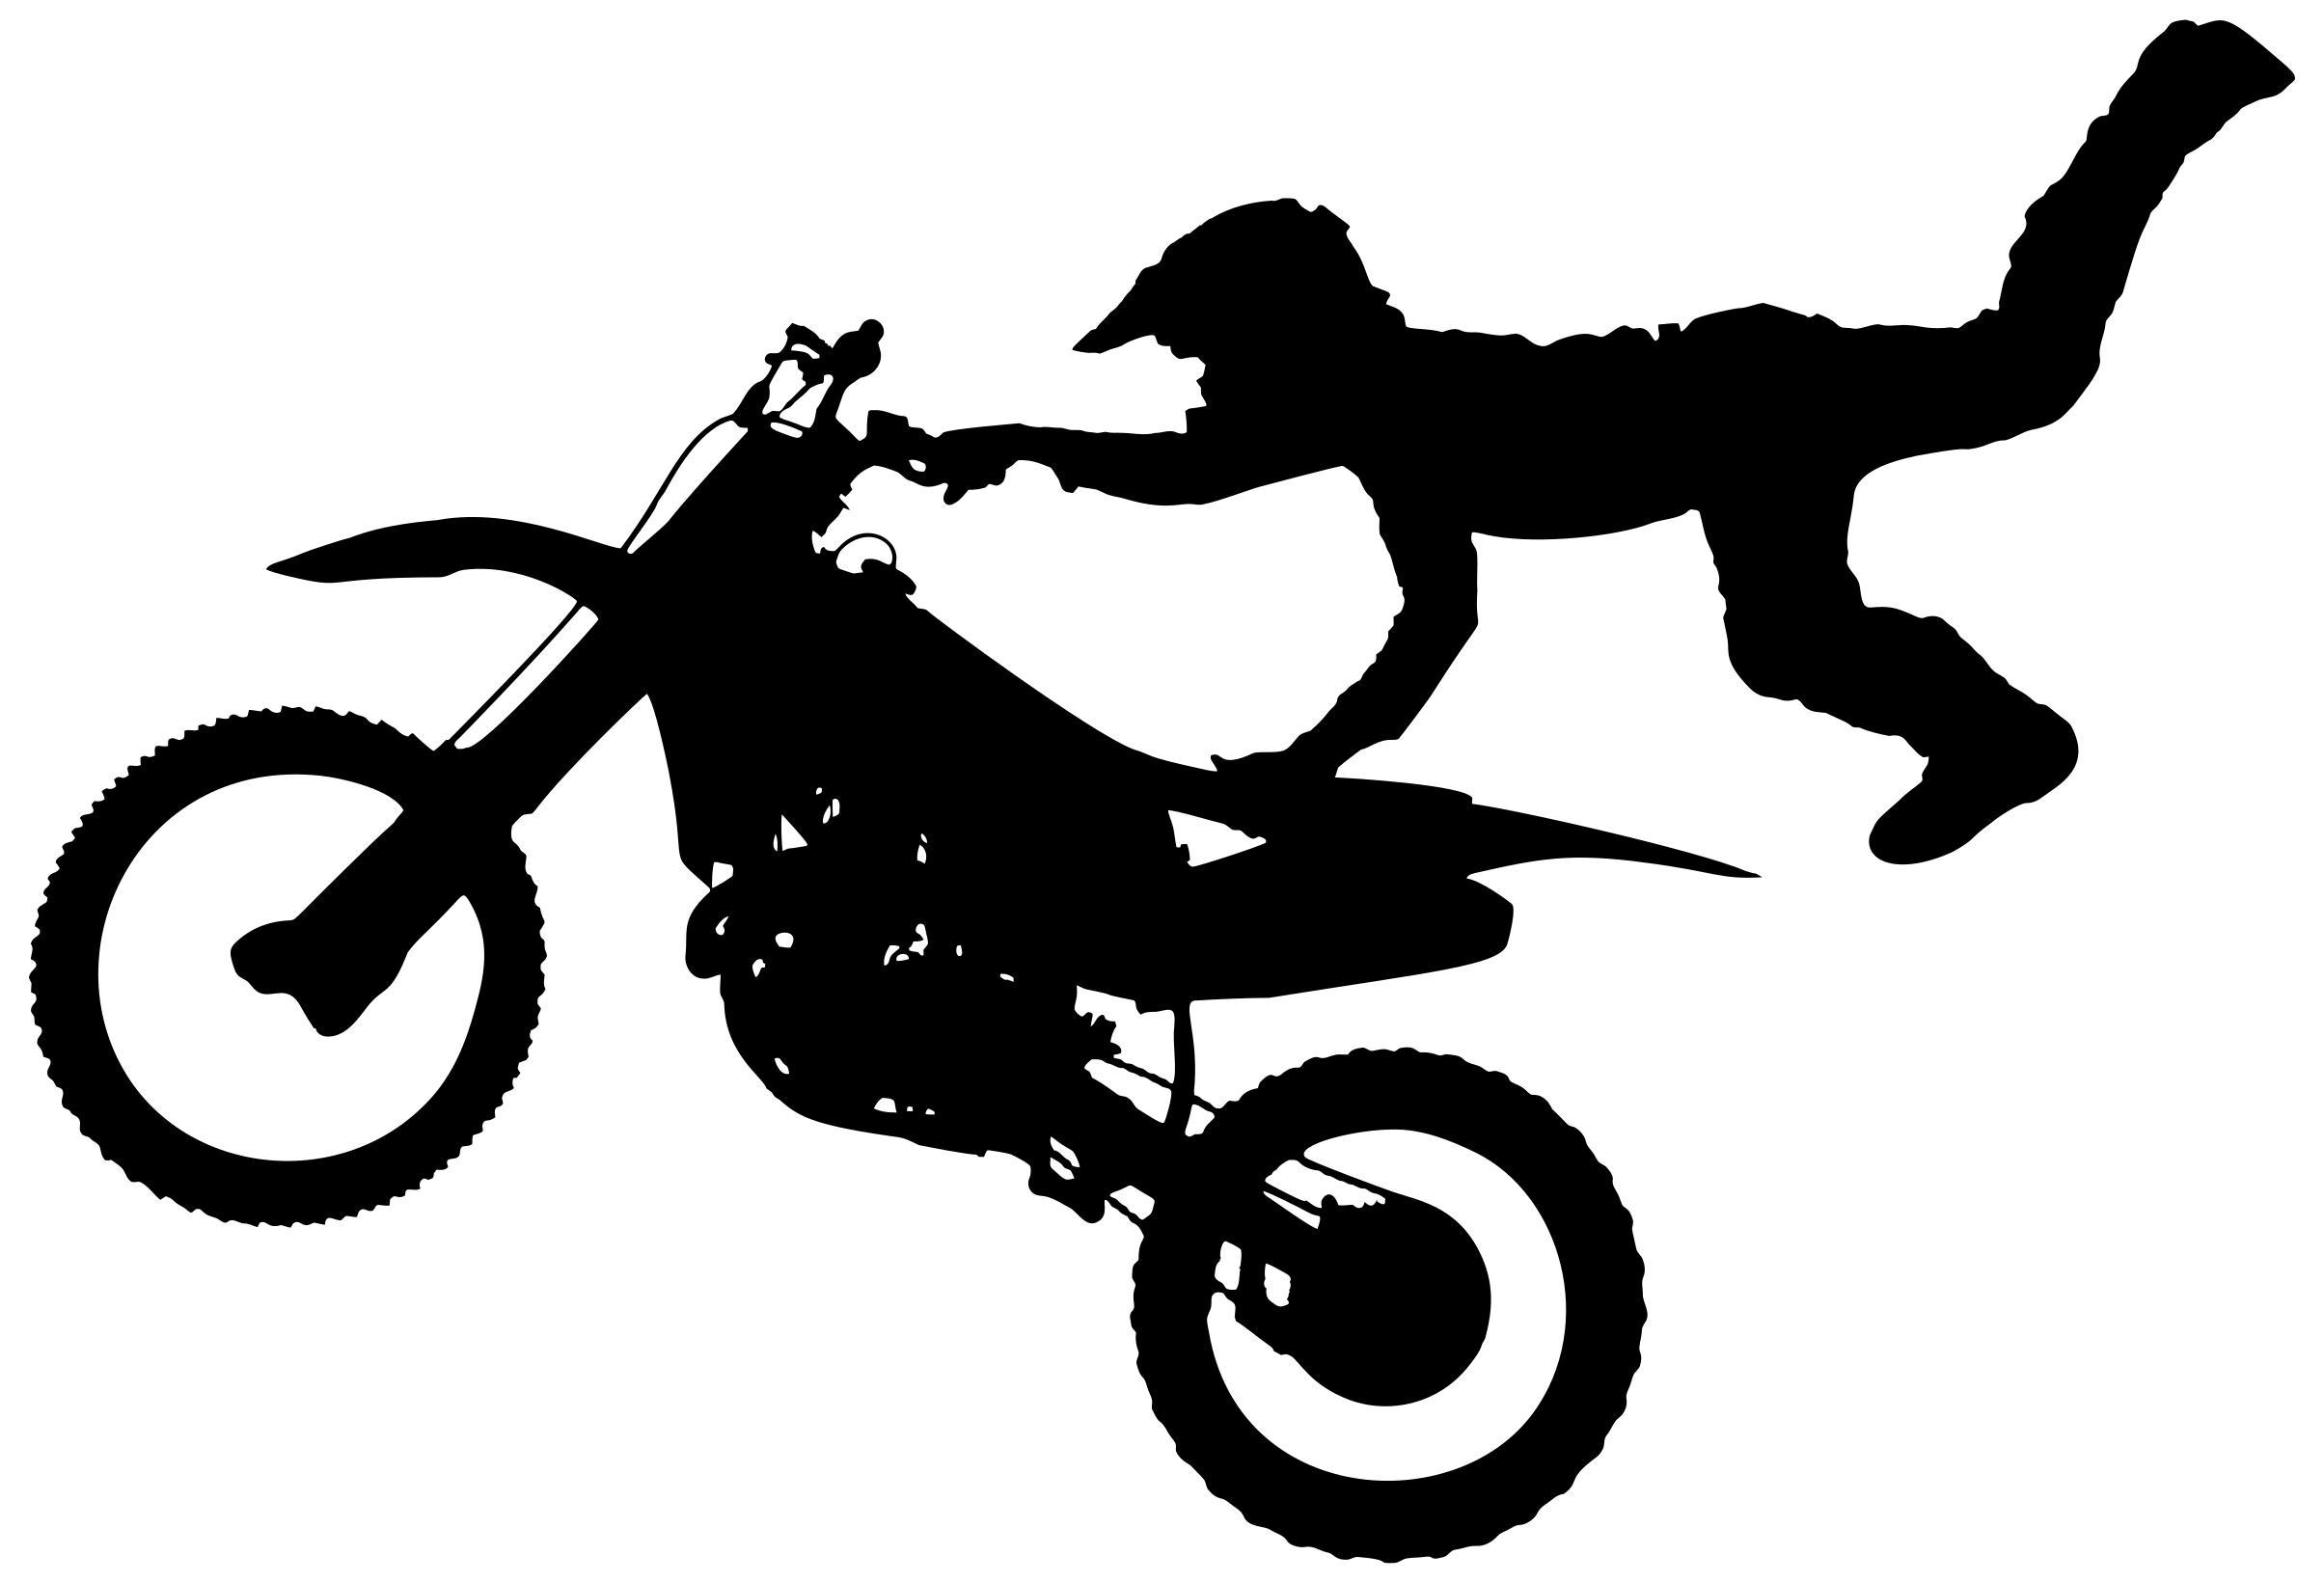 2409x1641 Motocross Bike Aerial Stunt Silhouette Clipart